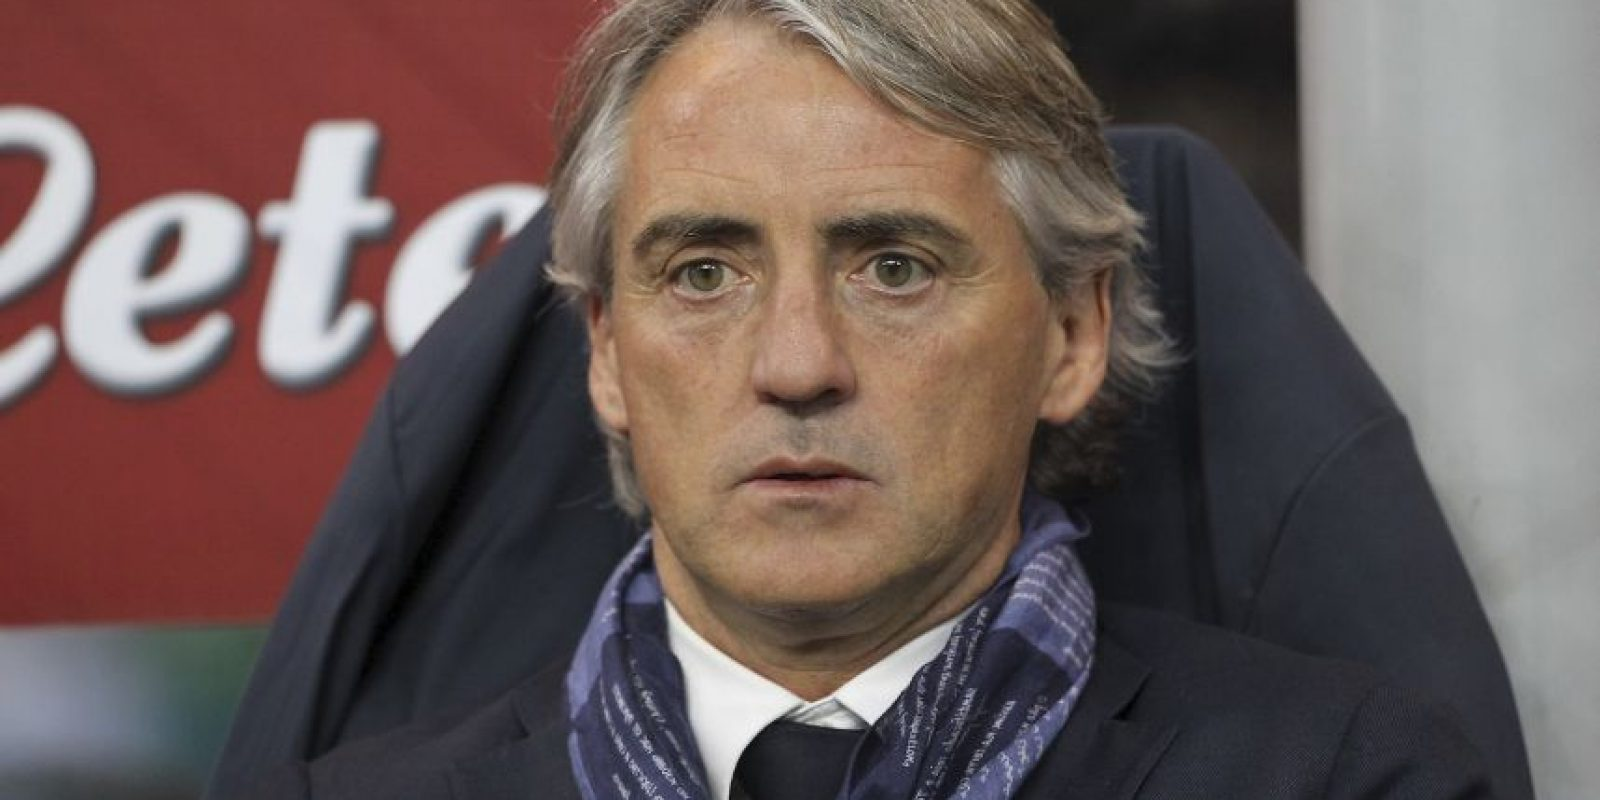 Ante la petición de la pareja de Icardi, Mancini salió a responder y lo hizo de una manera notable Foto:Getty Images